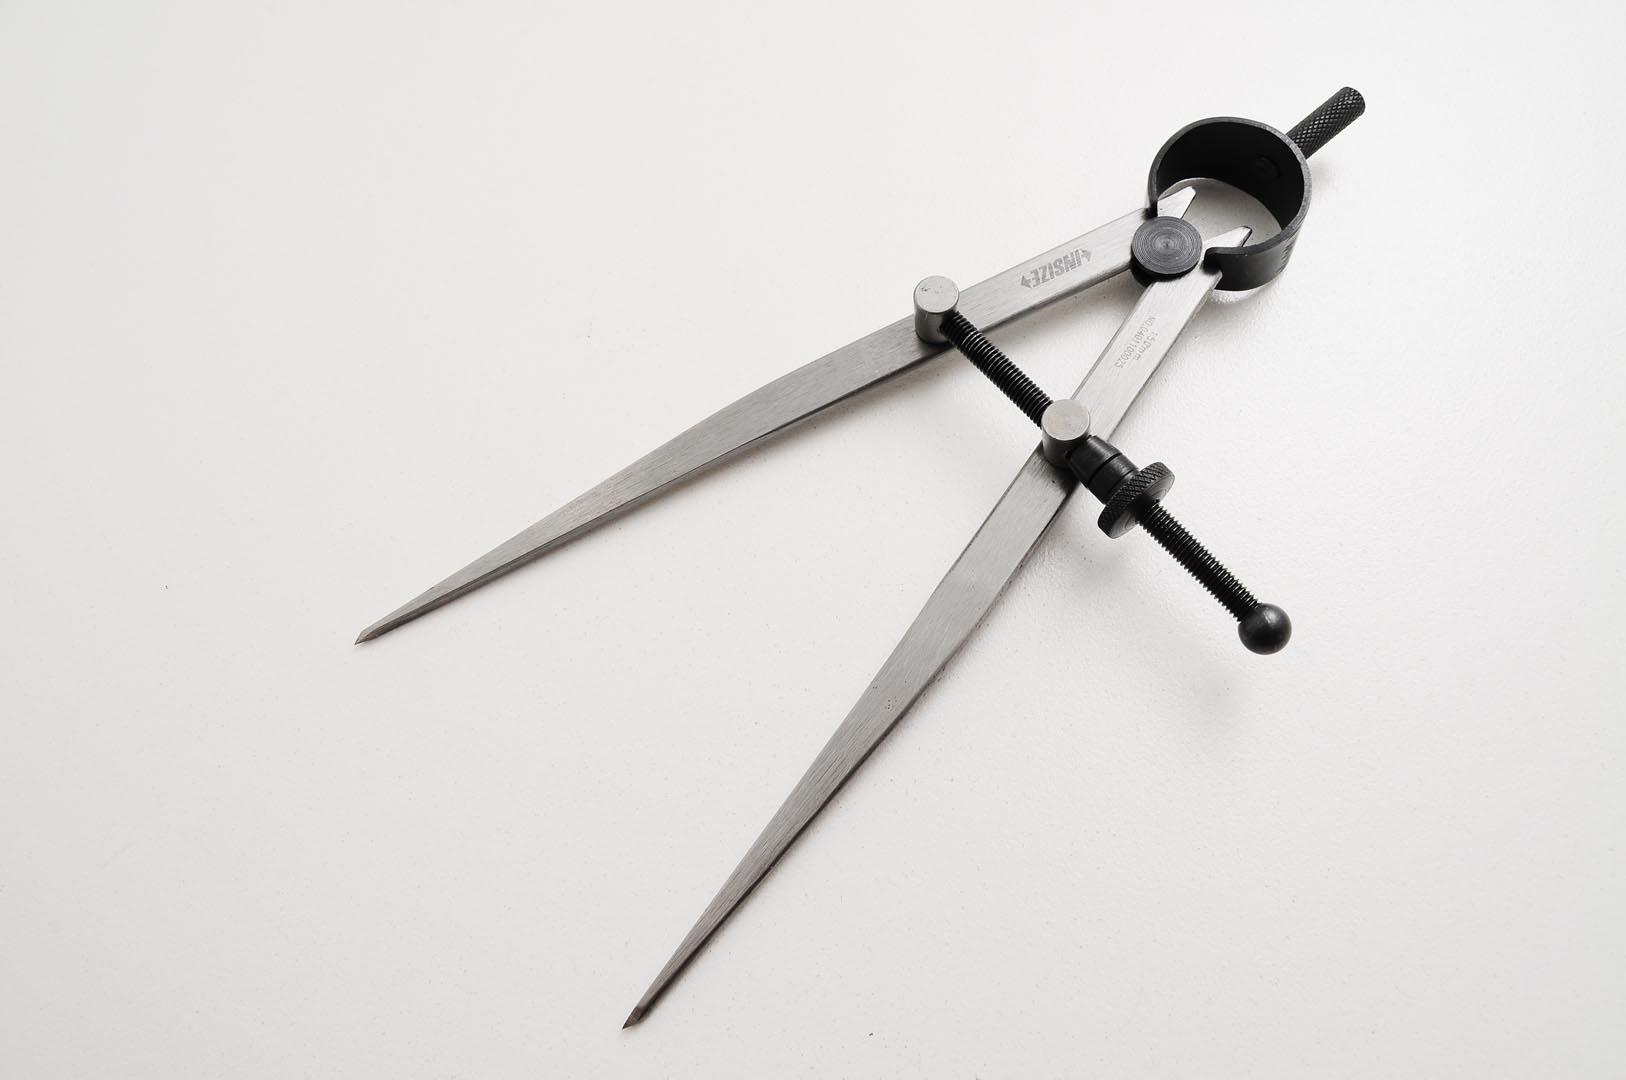 7260-150-Compas de puntas divisor con resorte 150mm 7260-150-max-1.